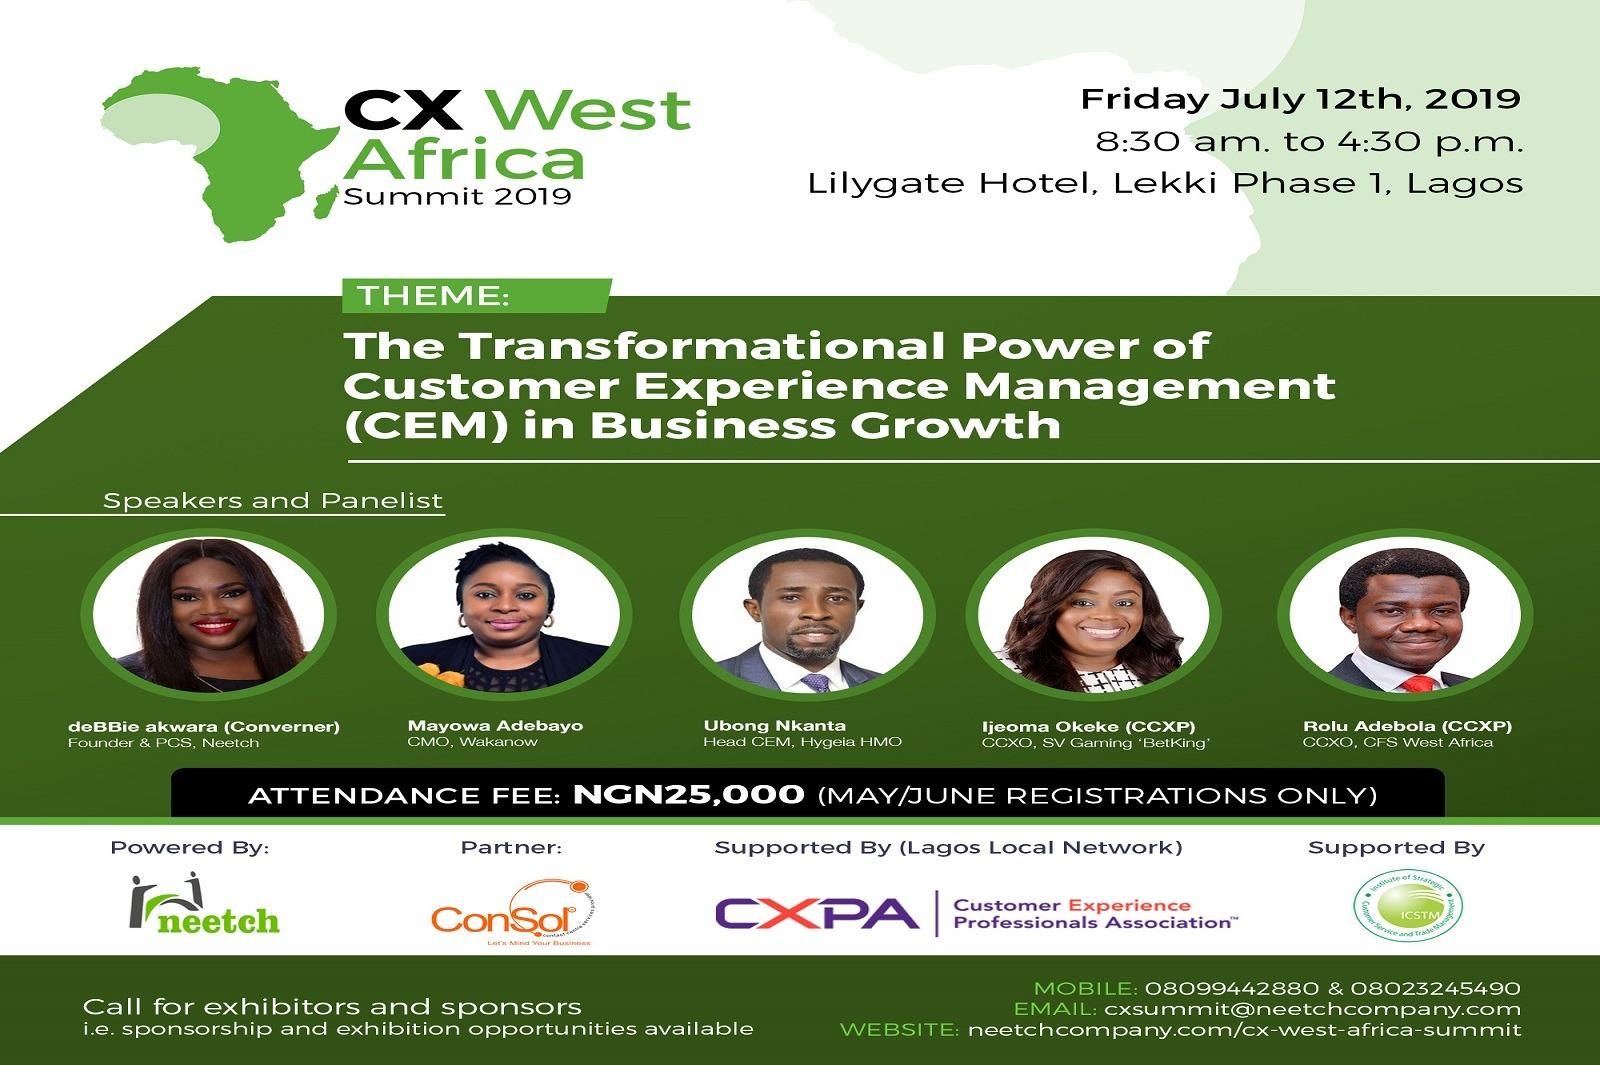 cx west African summit 2019